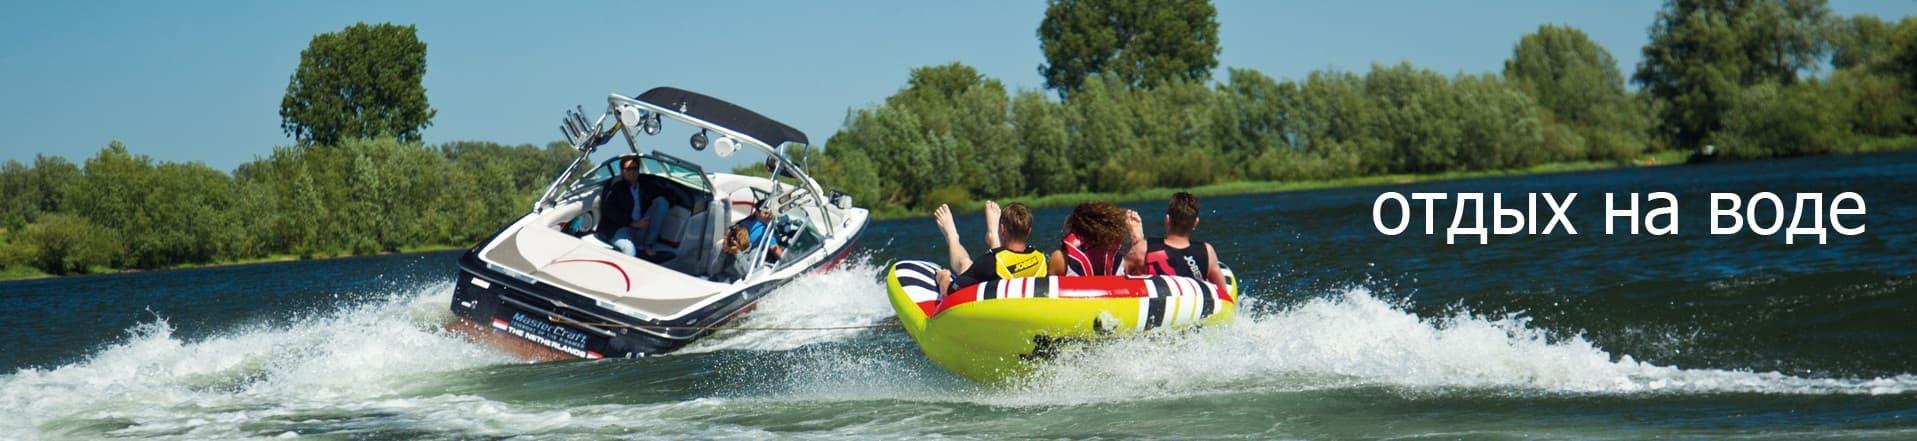 Товары для отдыха и развлечений на воде. Аттракционы водные